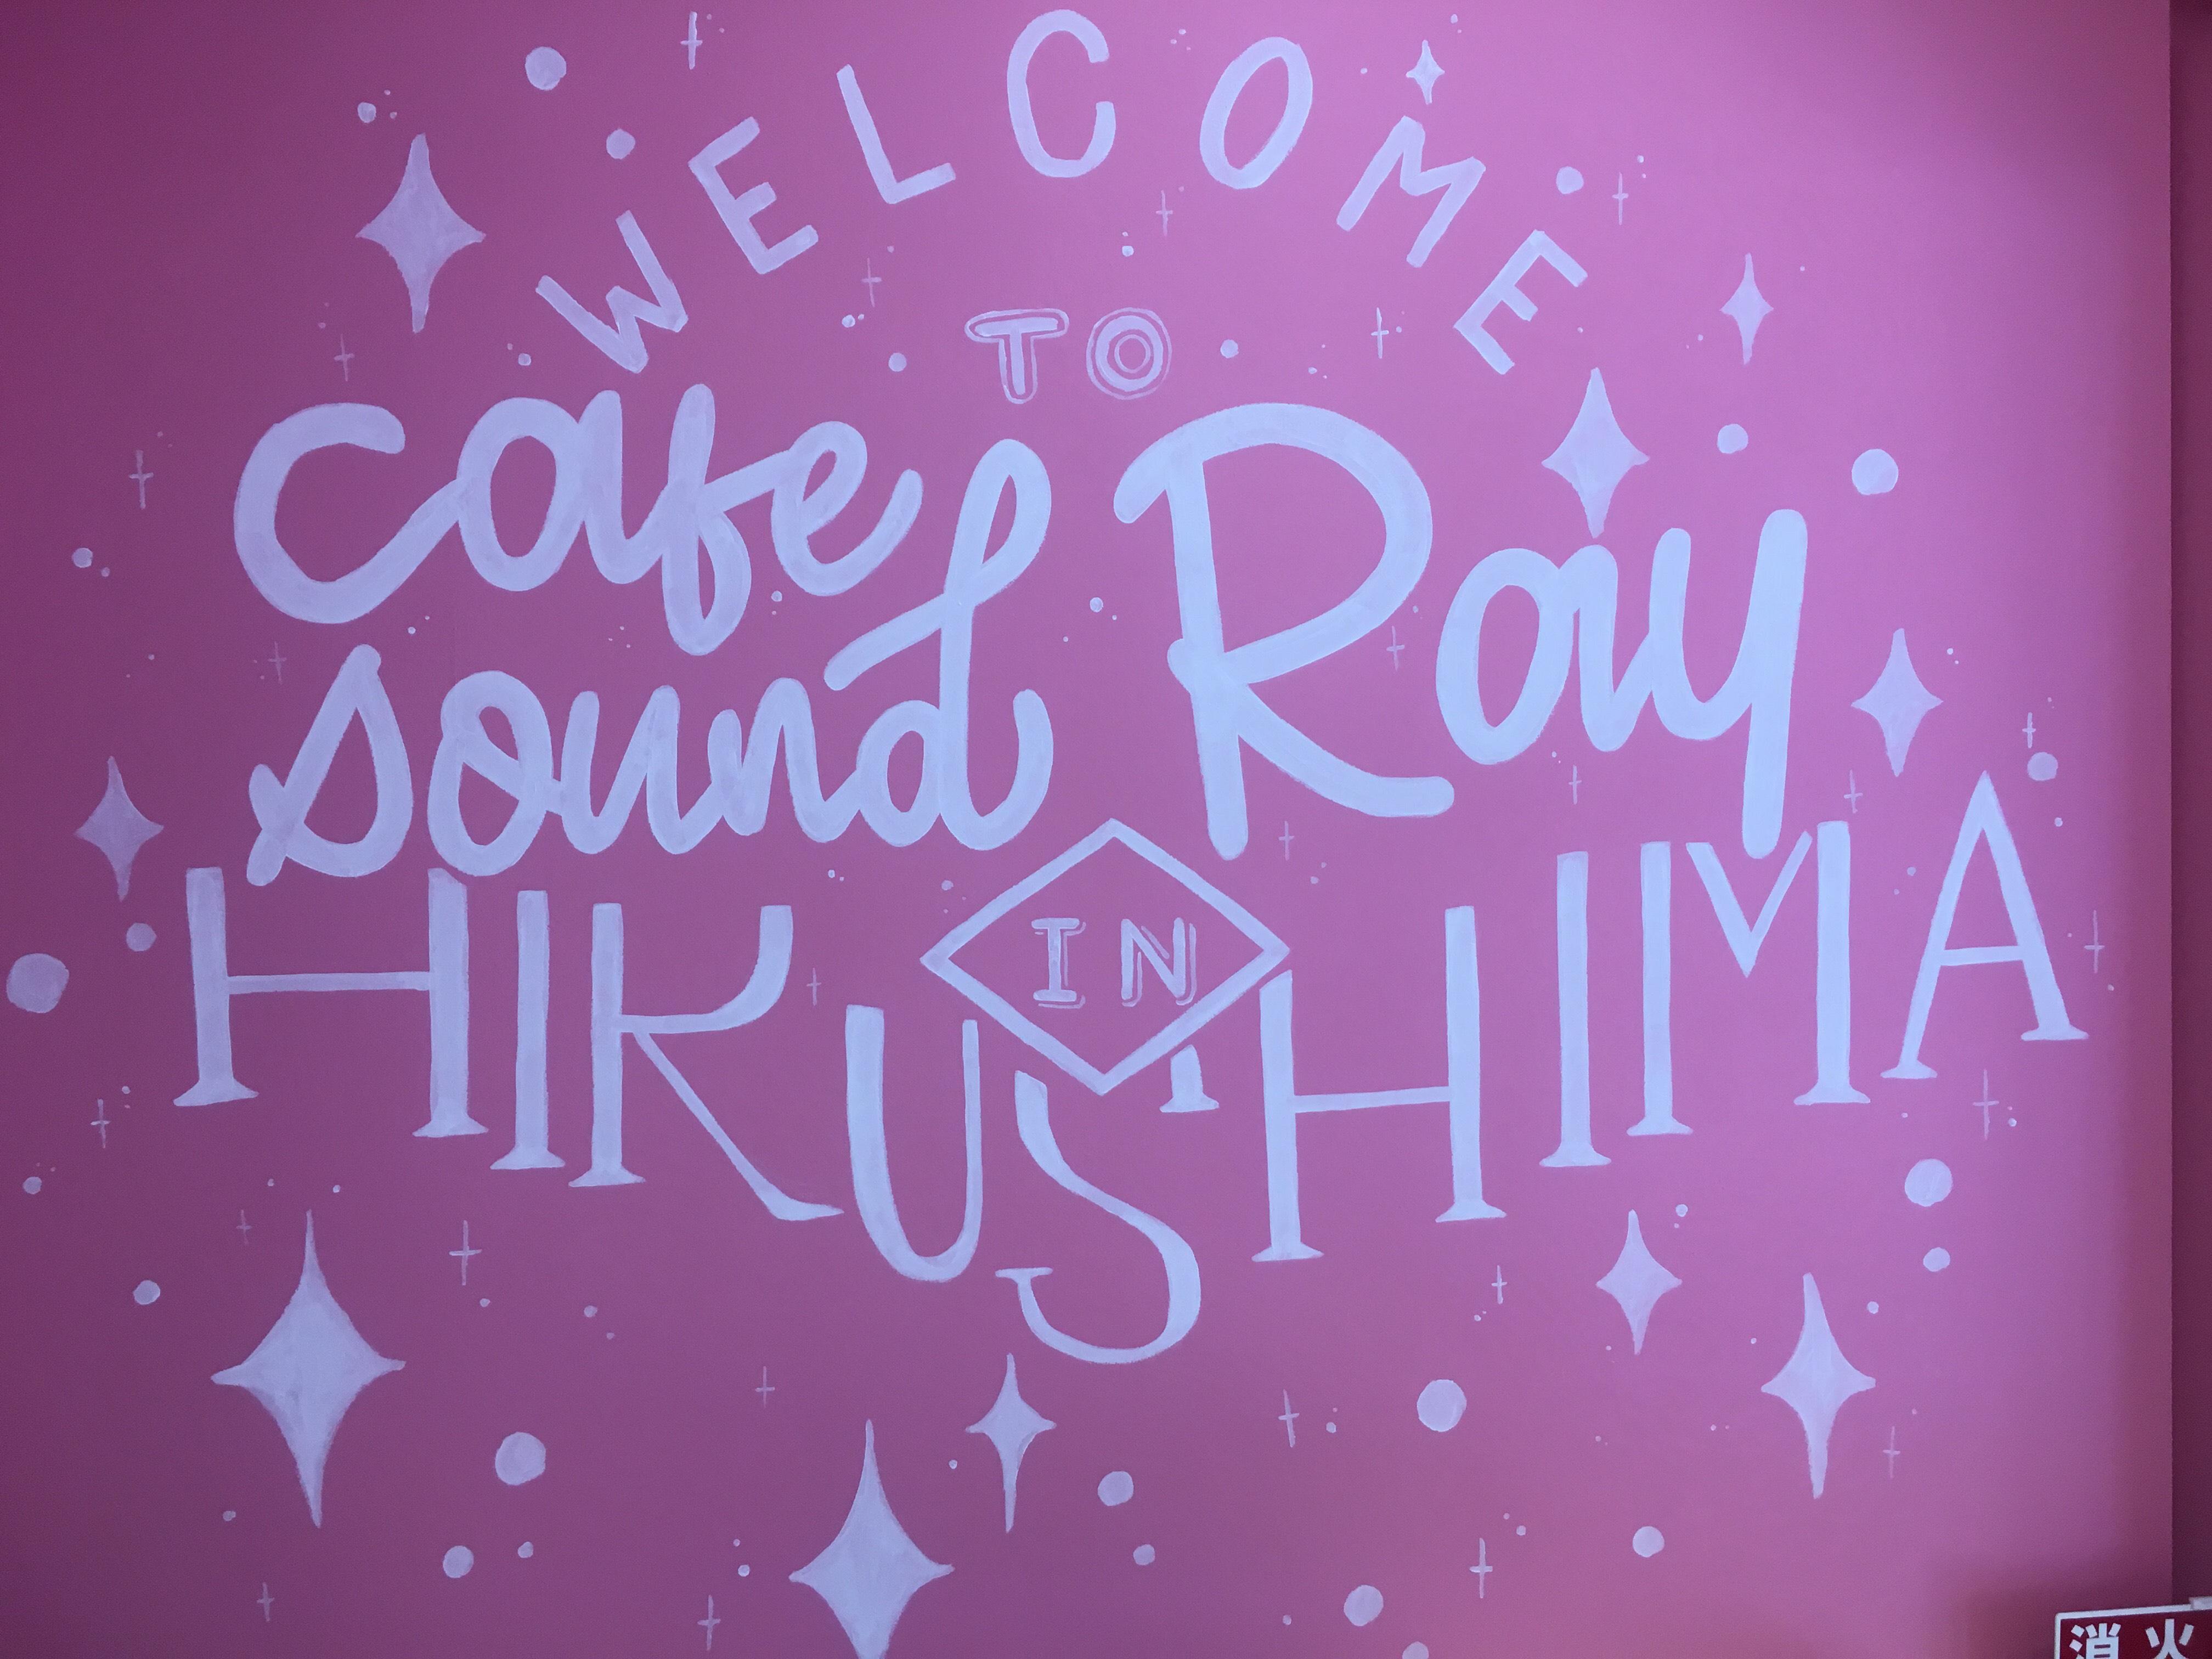 Ray壁ロゴ